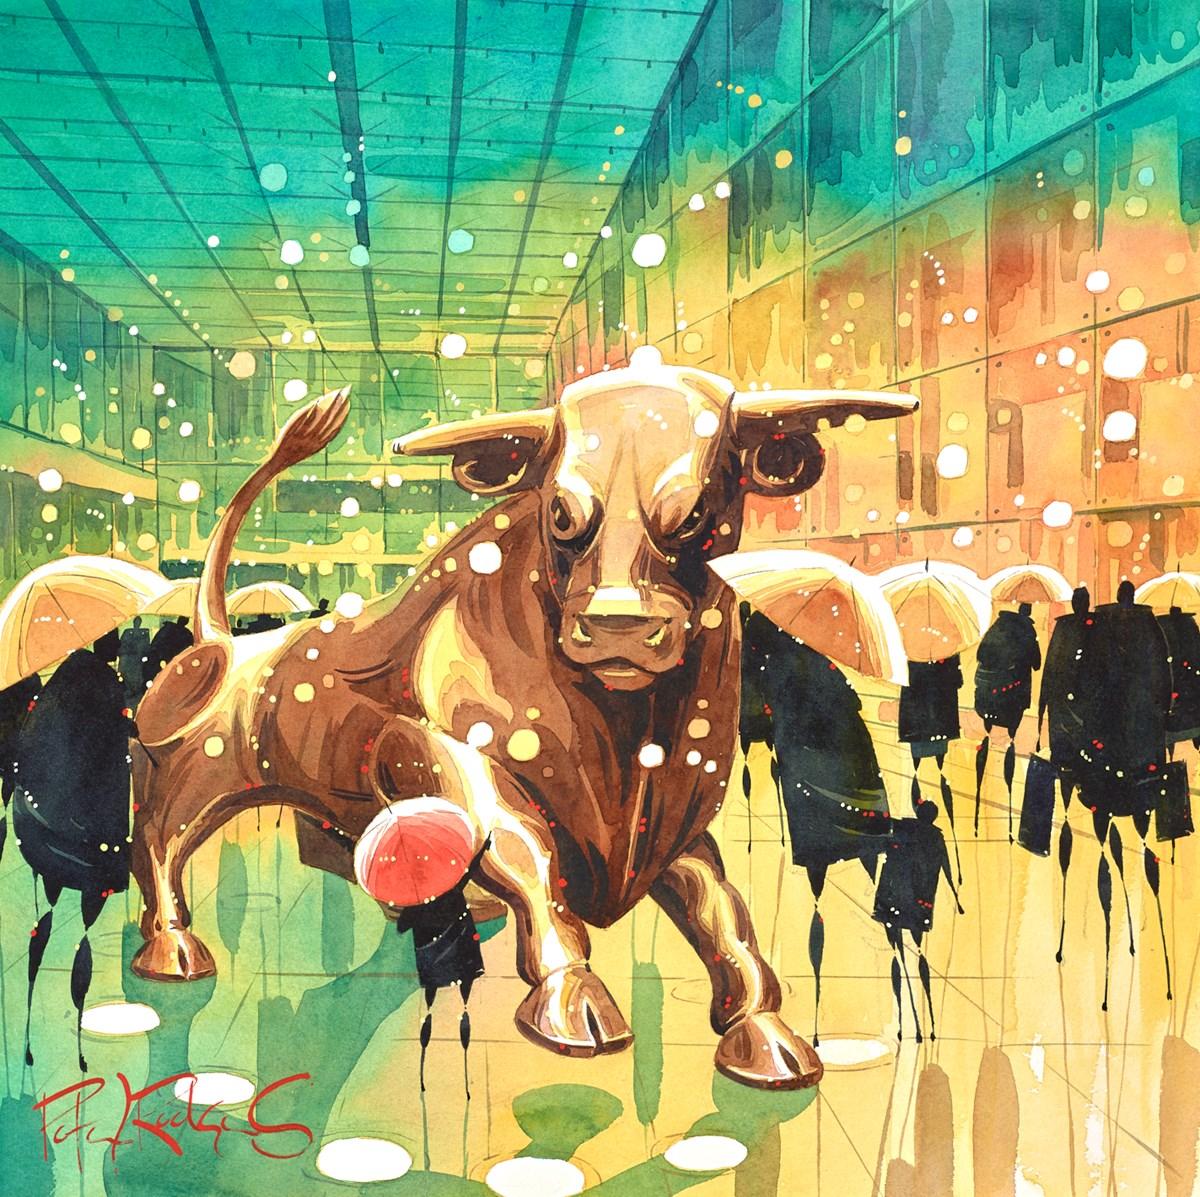 Big Bull - Birmingham